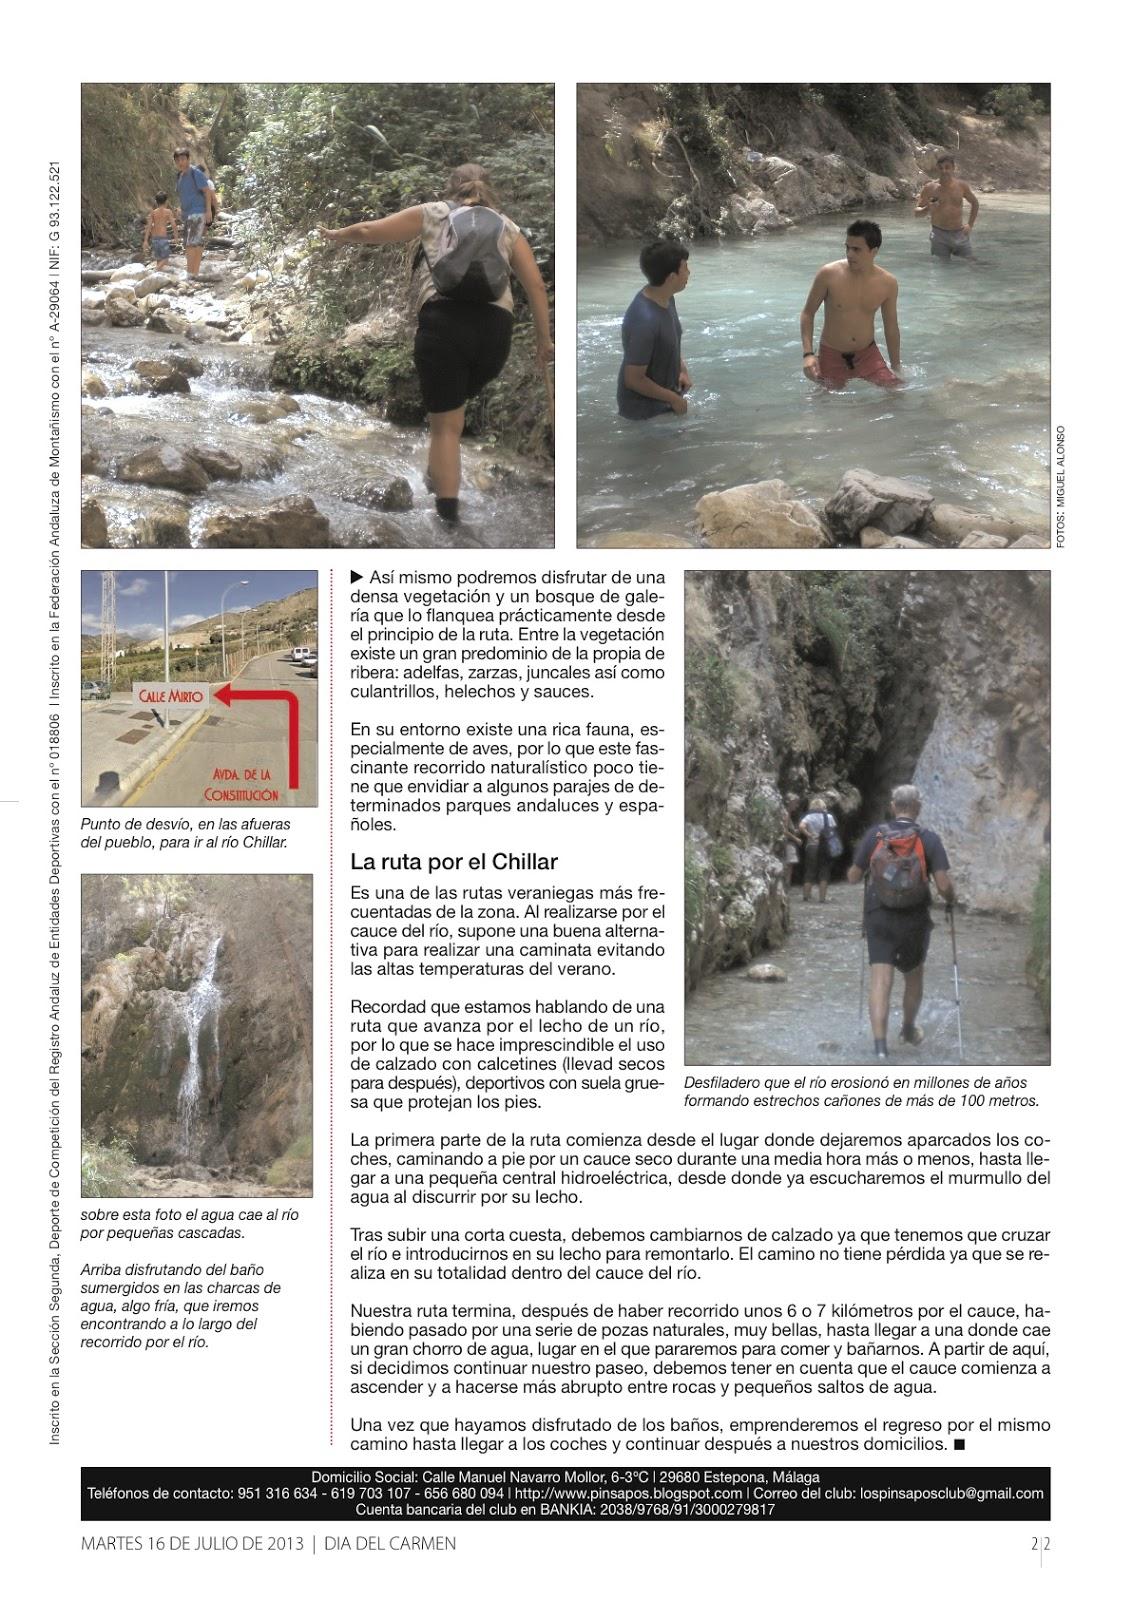 Los Pinsapos - Senderismo y Naturaleza: julio 2013